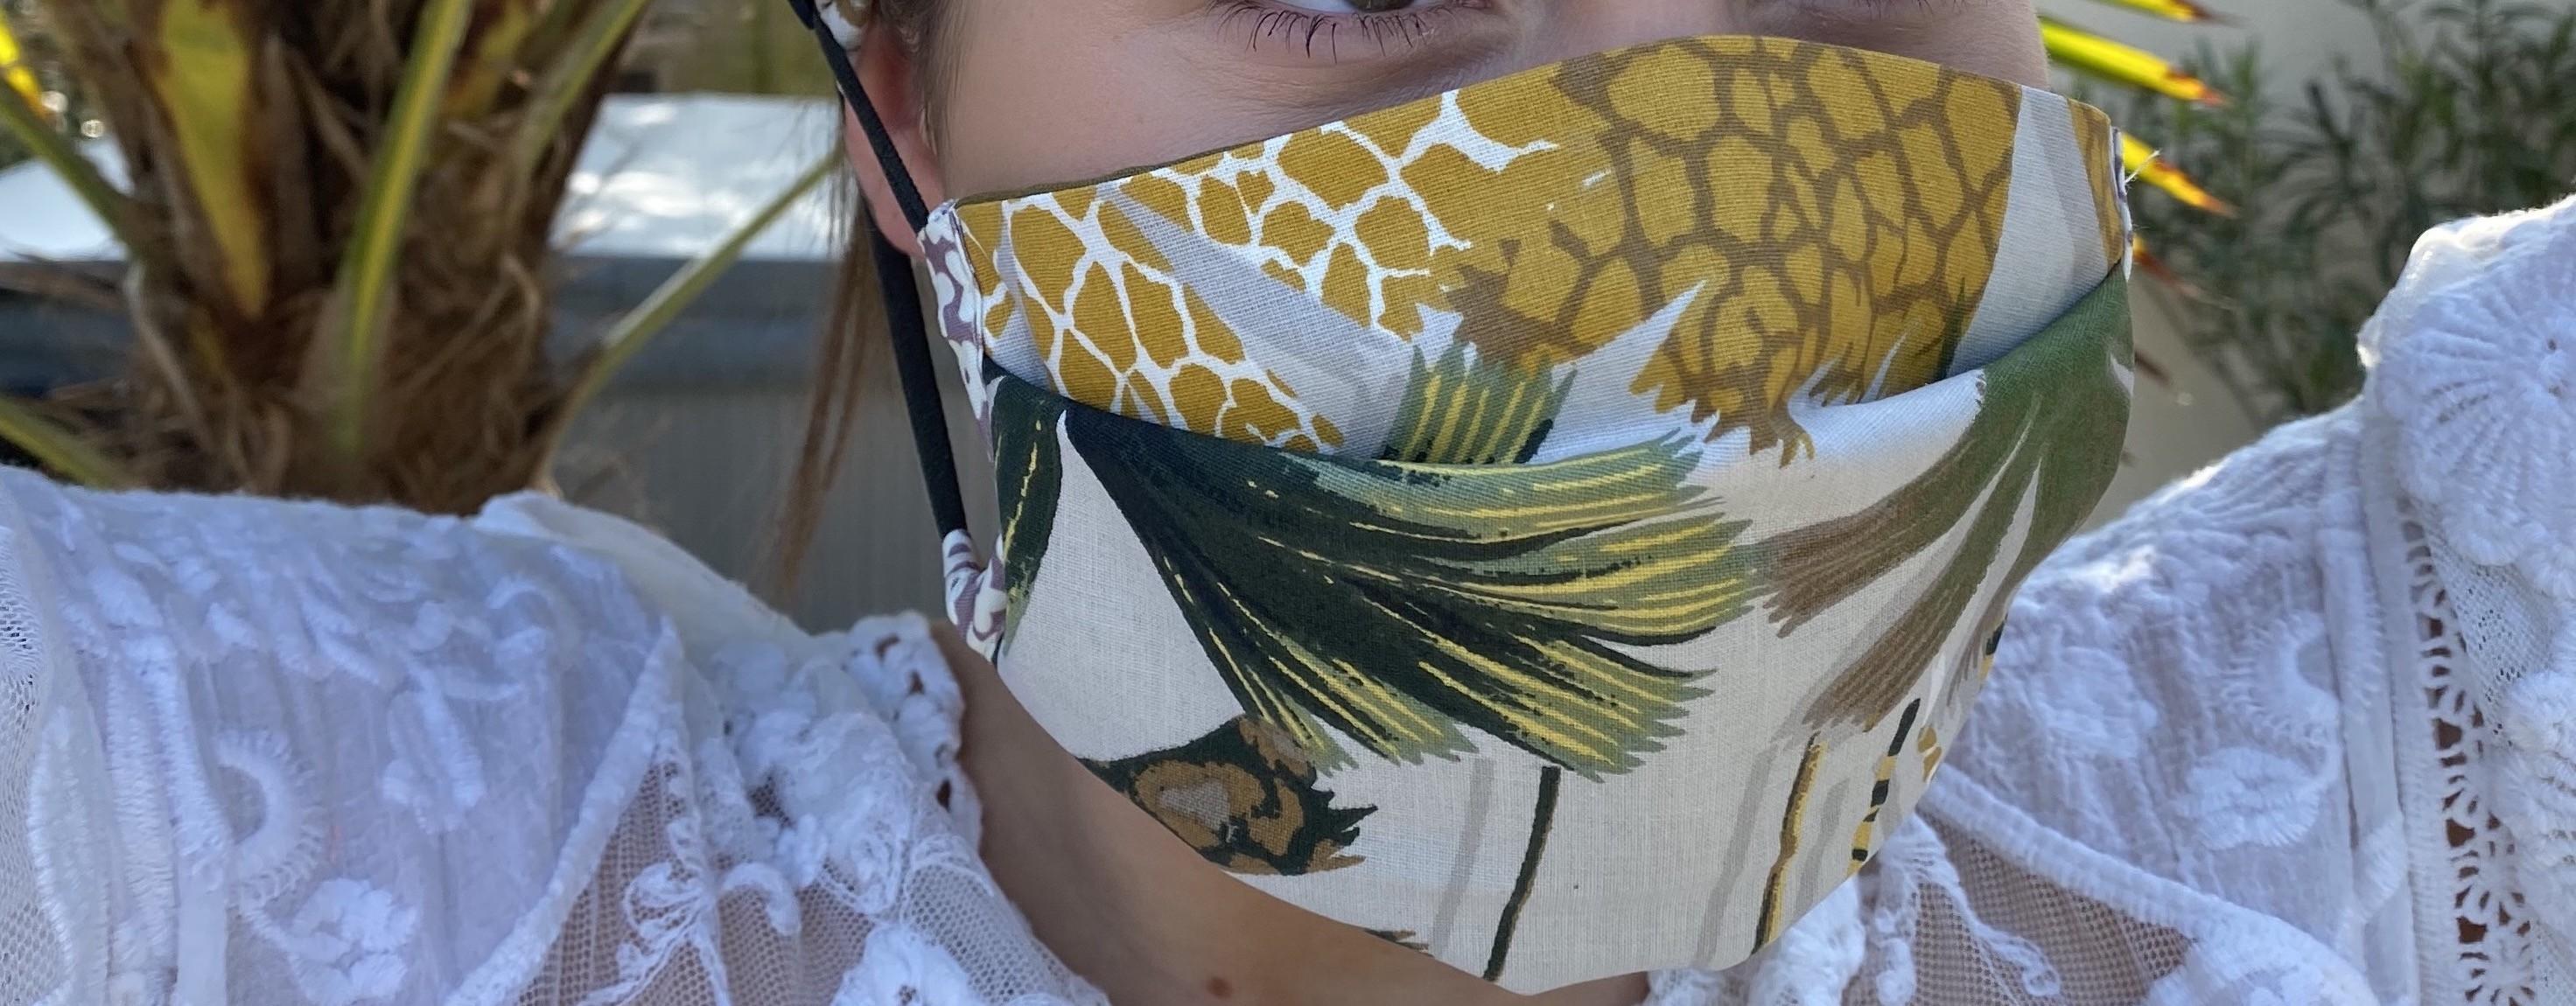 Gamme de masques en tissu pour hommes, femmes et enfants